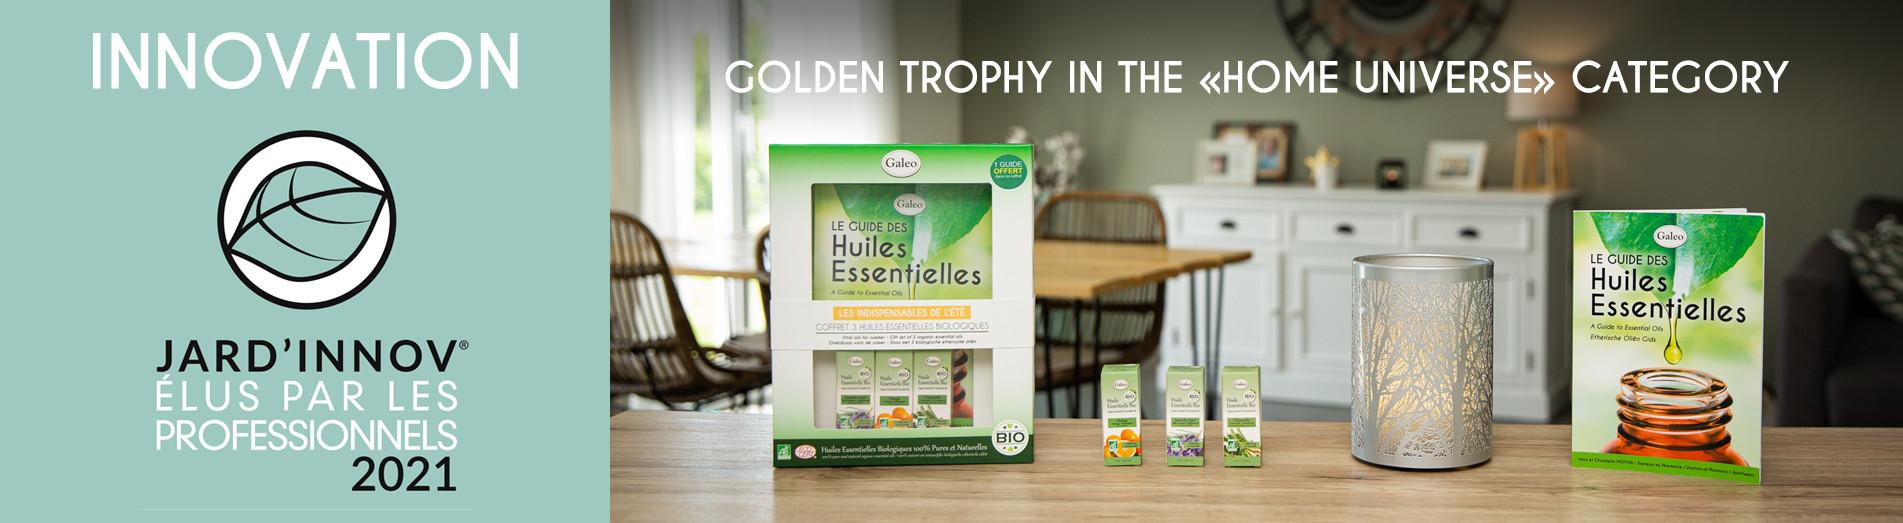 Golden trophy Jard'innov